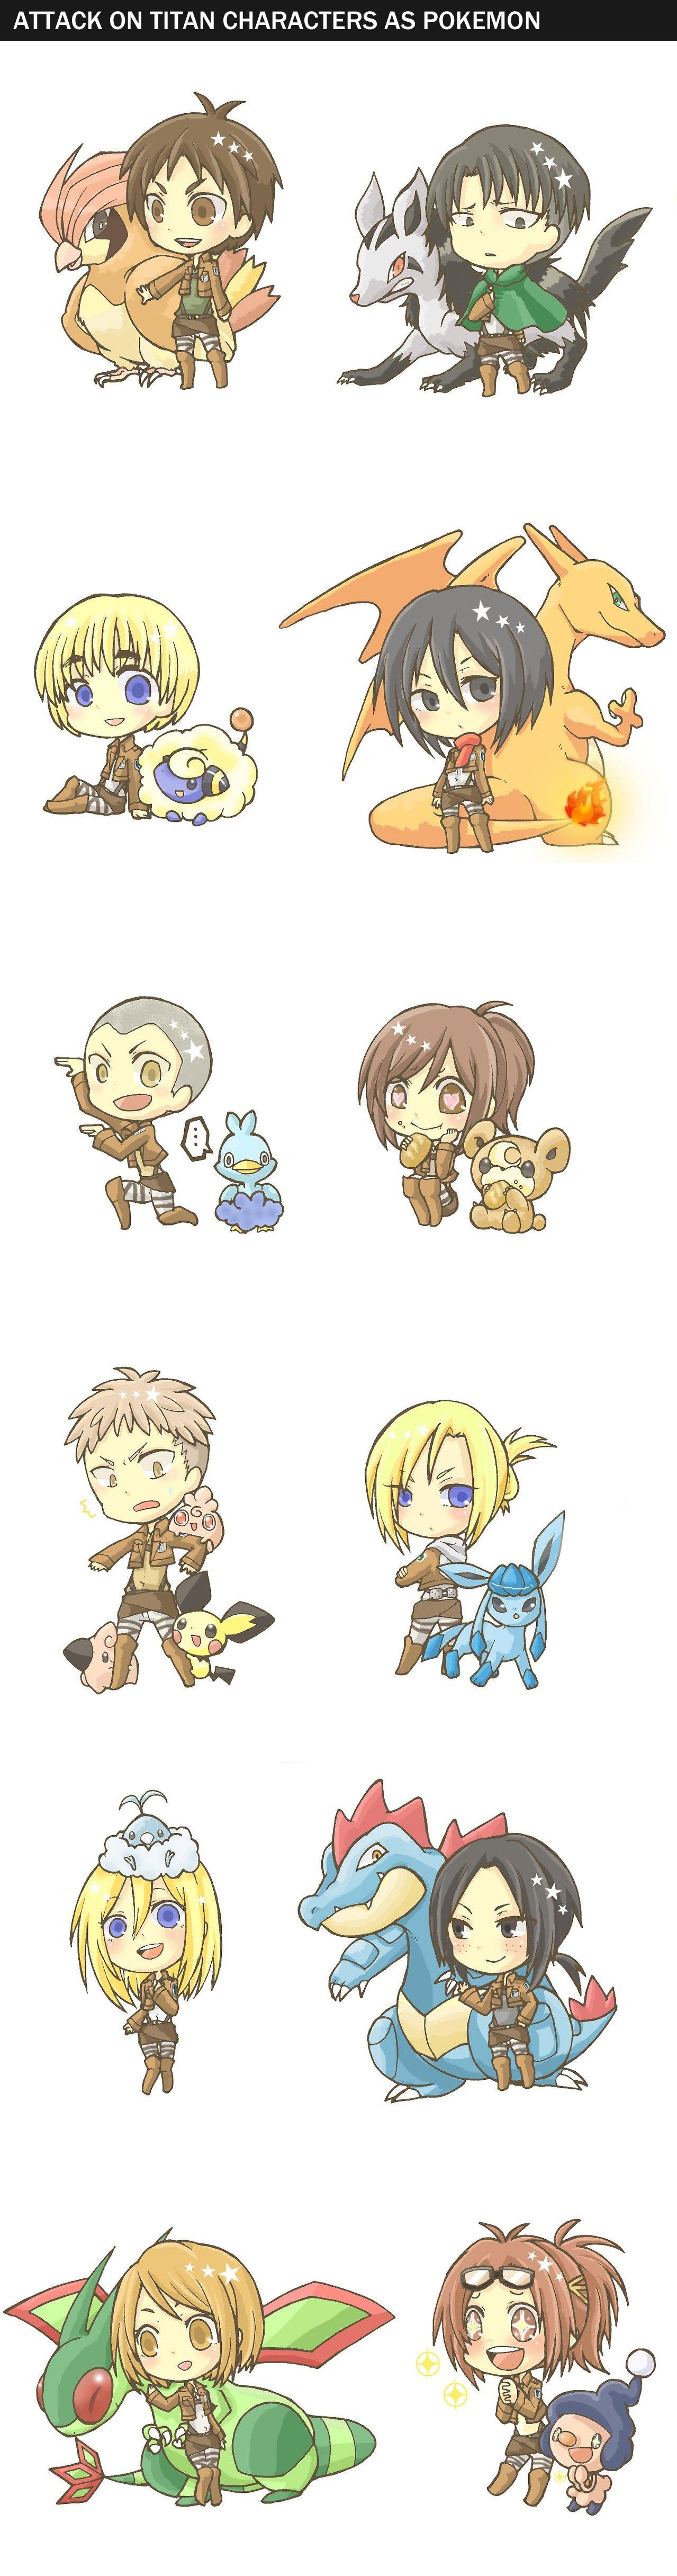 Attack On Titan Pokemon Doublade Attack on Titan x Poke...